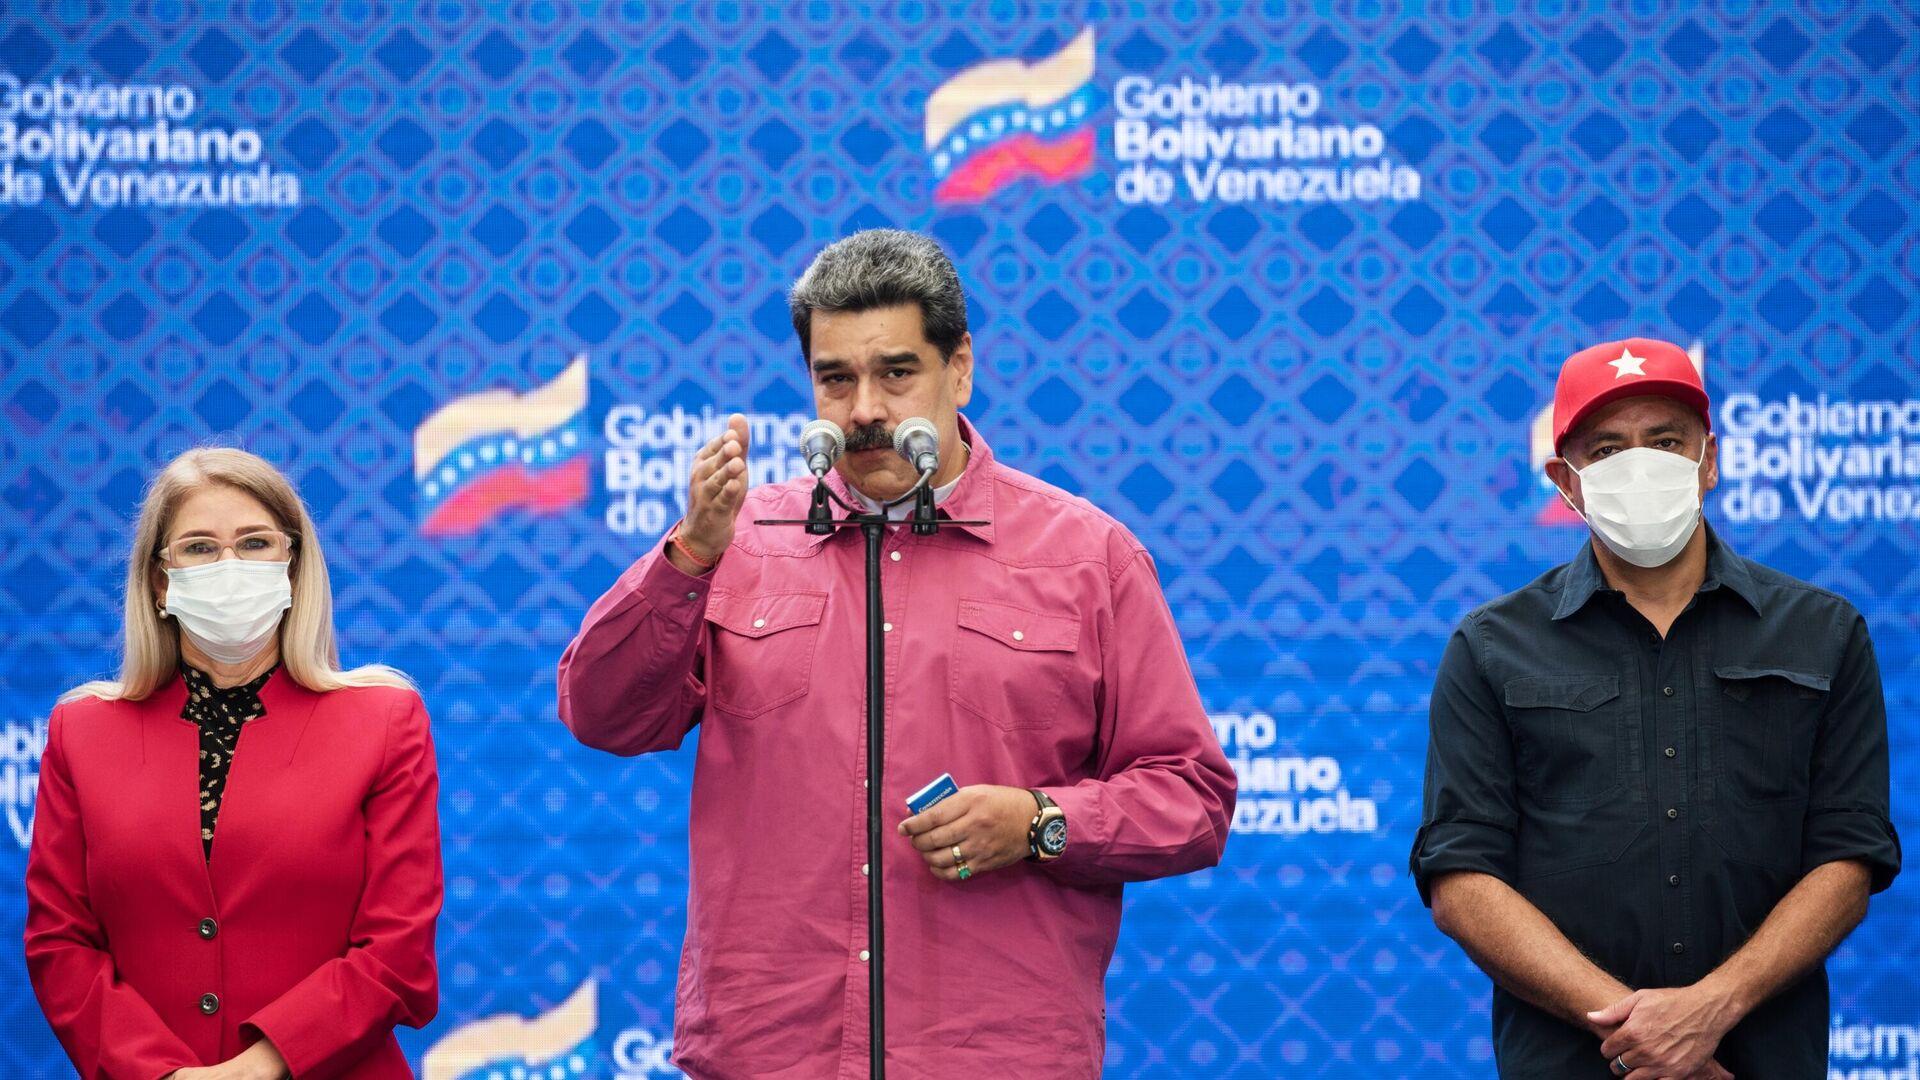 Der venezolanische Präsident Nicolas Maduro bei einem Birefing nach der Abstimmung bei der Parlamentswahl - SNA, 1920, 08.12.2020